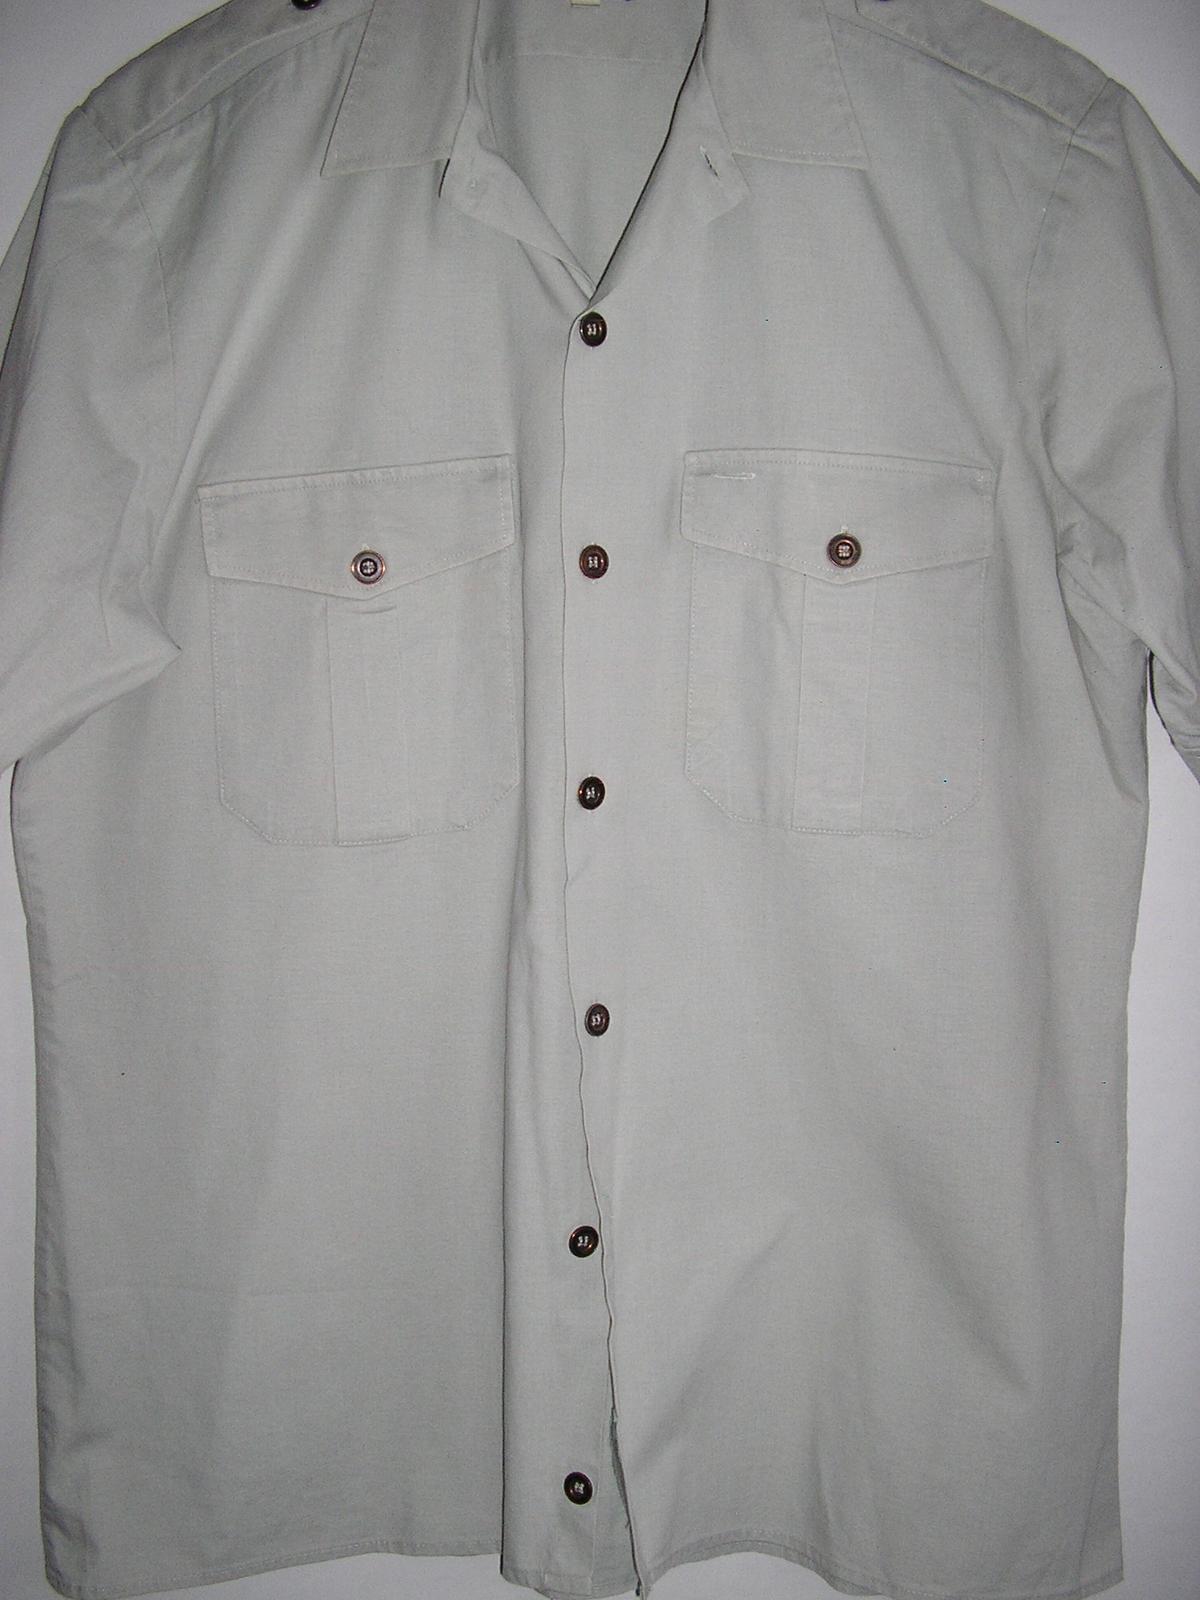 666. Pánska košeľa               - Obrázok č. 2